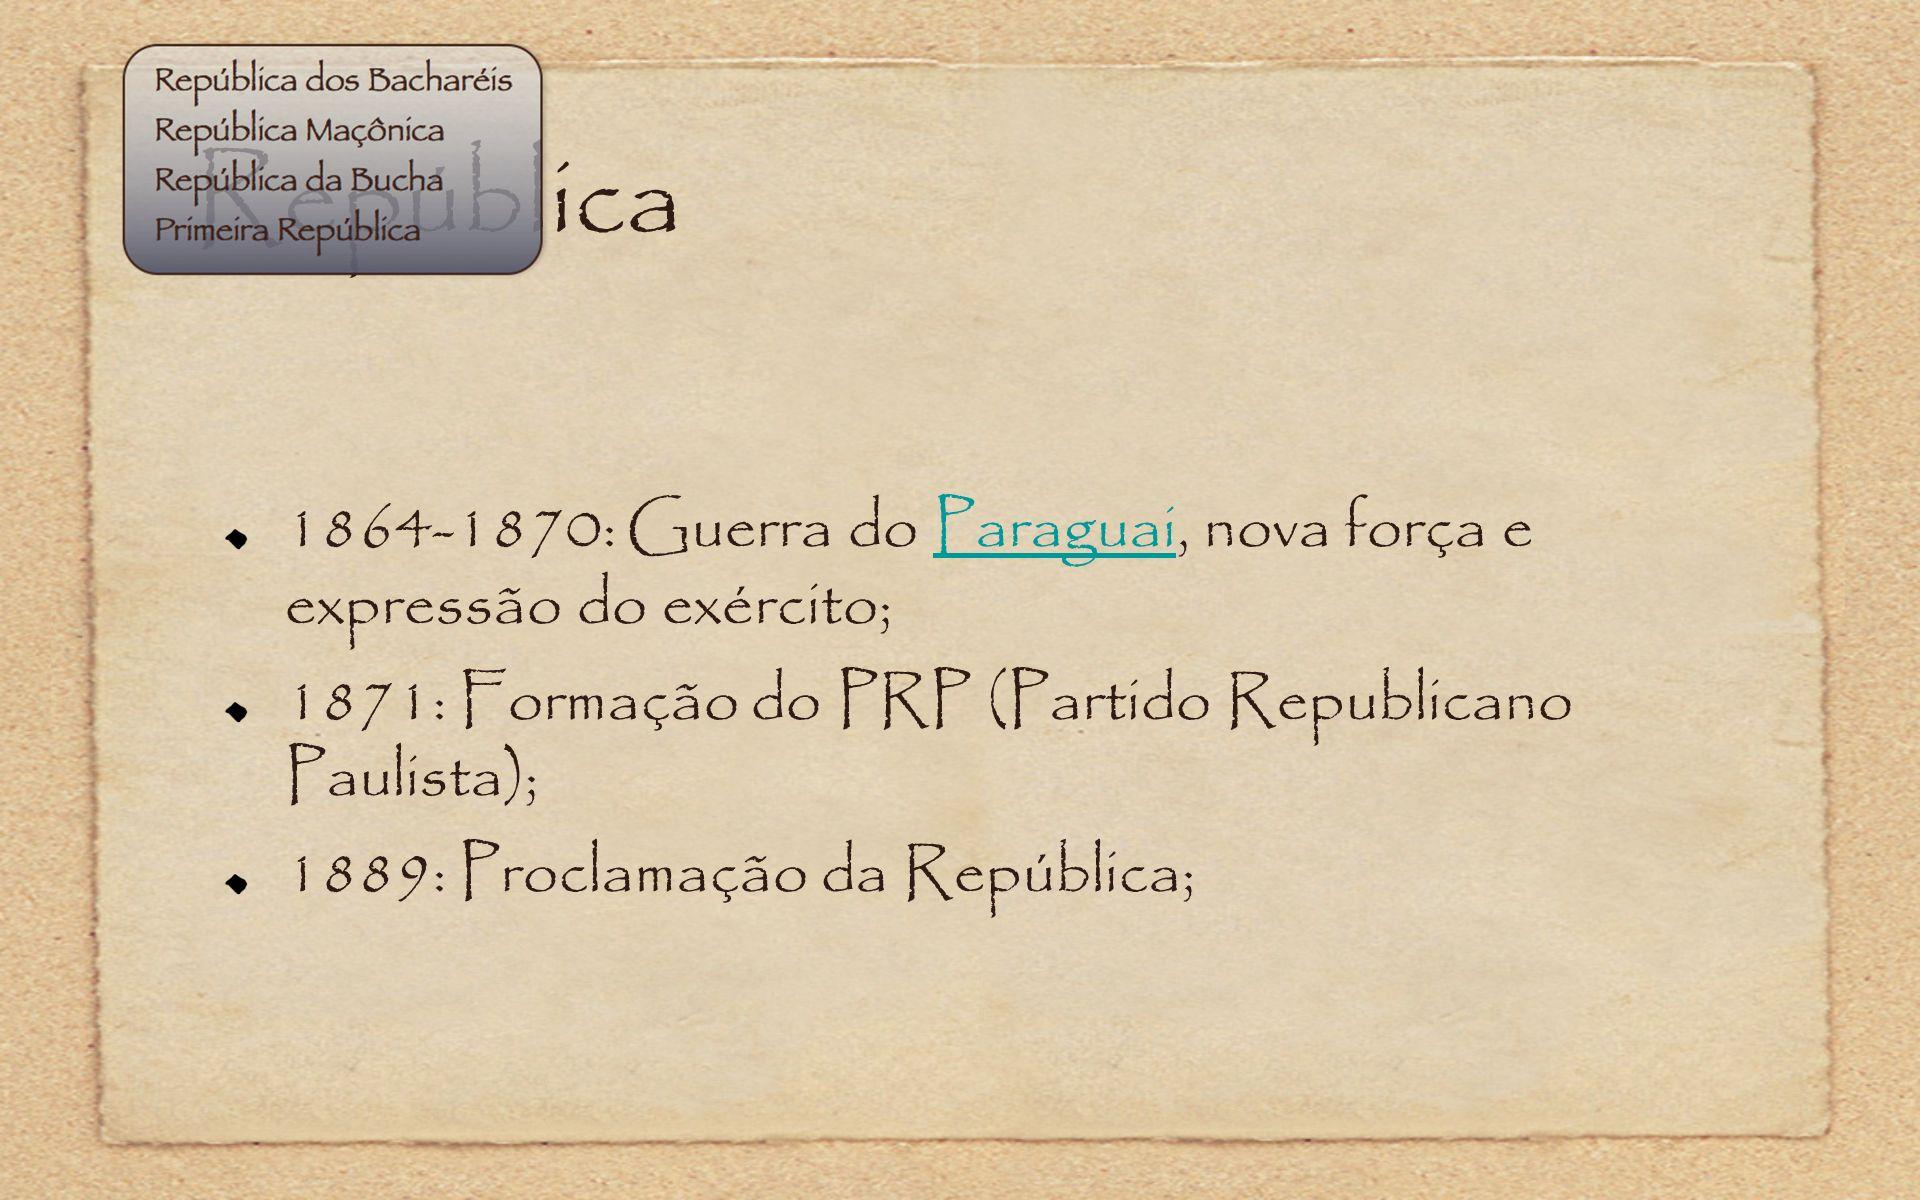 República 1864-1870: Guerra do Paraguai, nova força e expressão do exército; 1871: Formação do PRP (Partido Republicano Paulista);